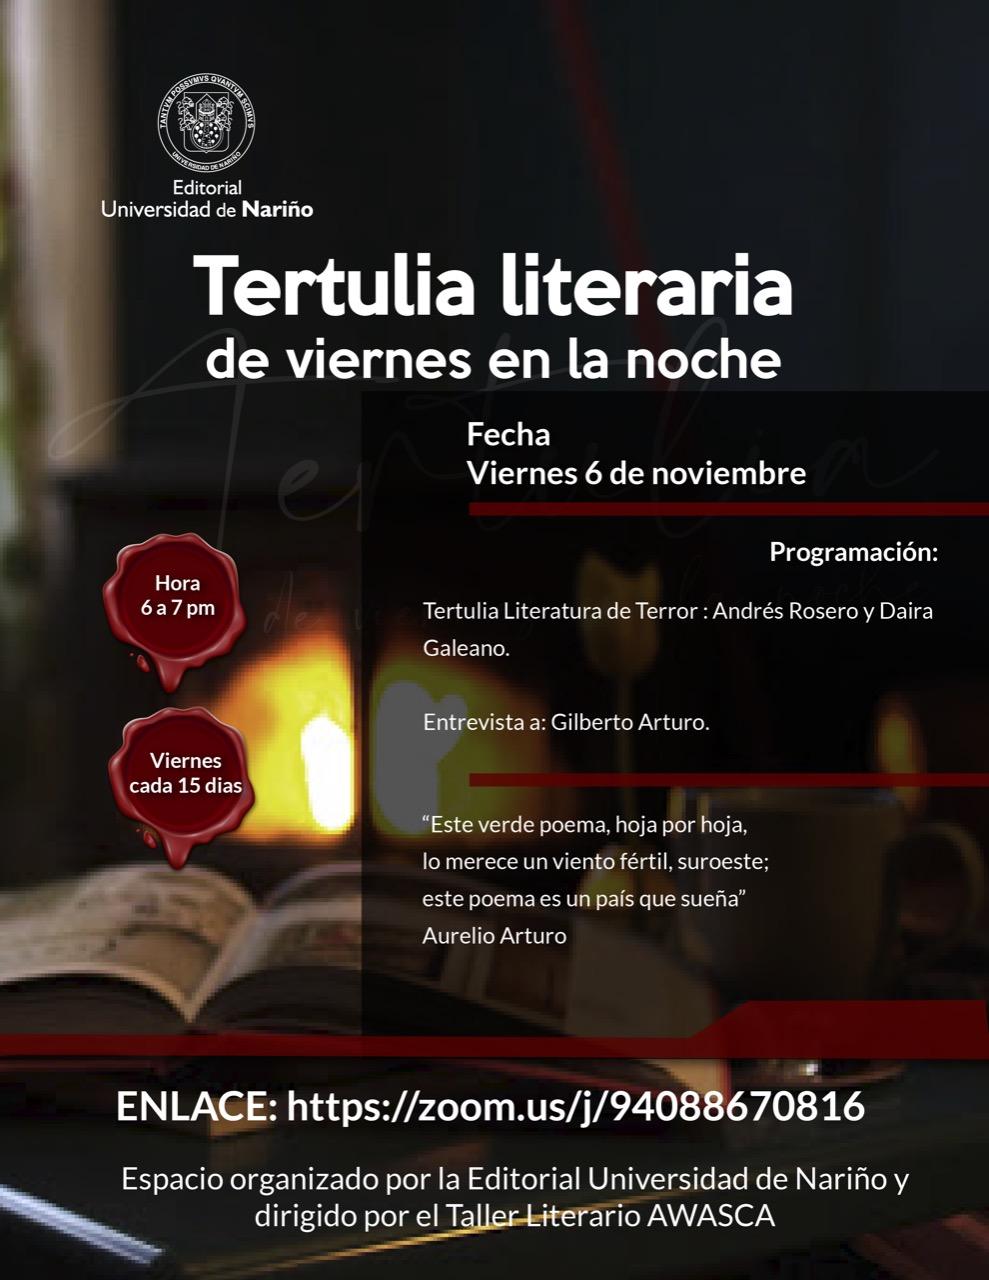 Tertulia literaria de viernes en la noche: Tertulia literaria de terror